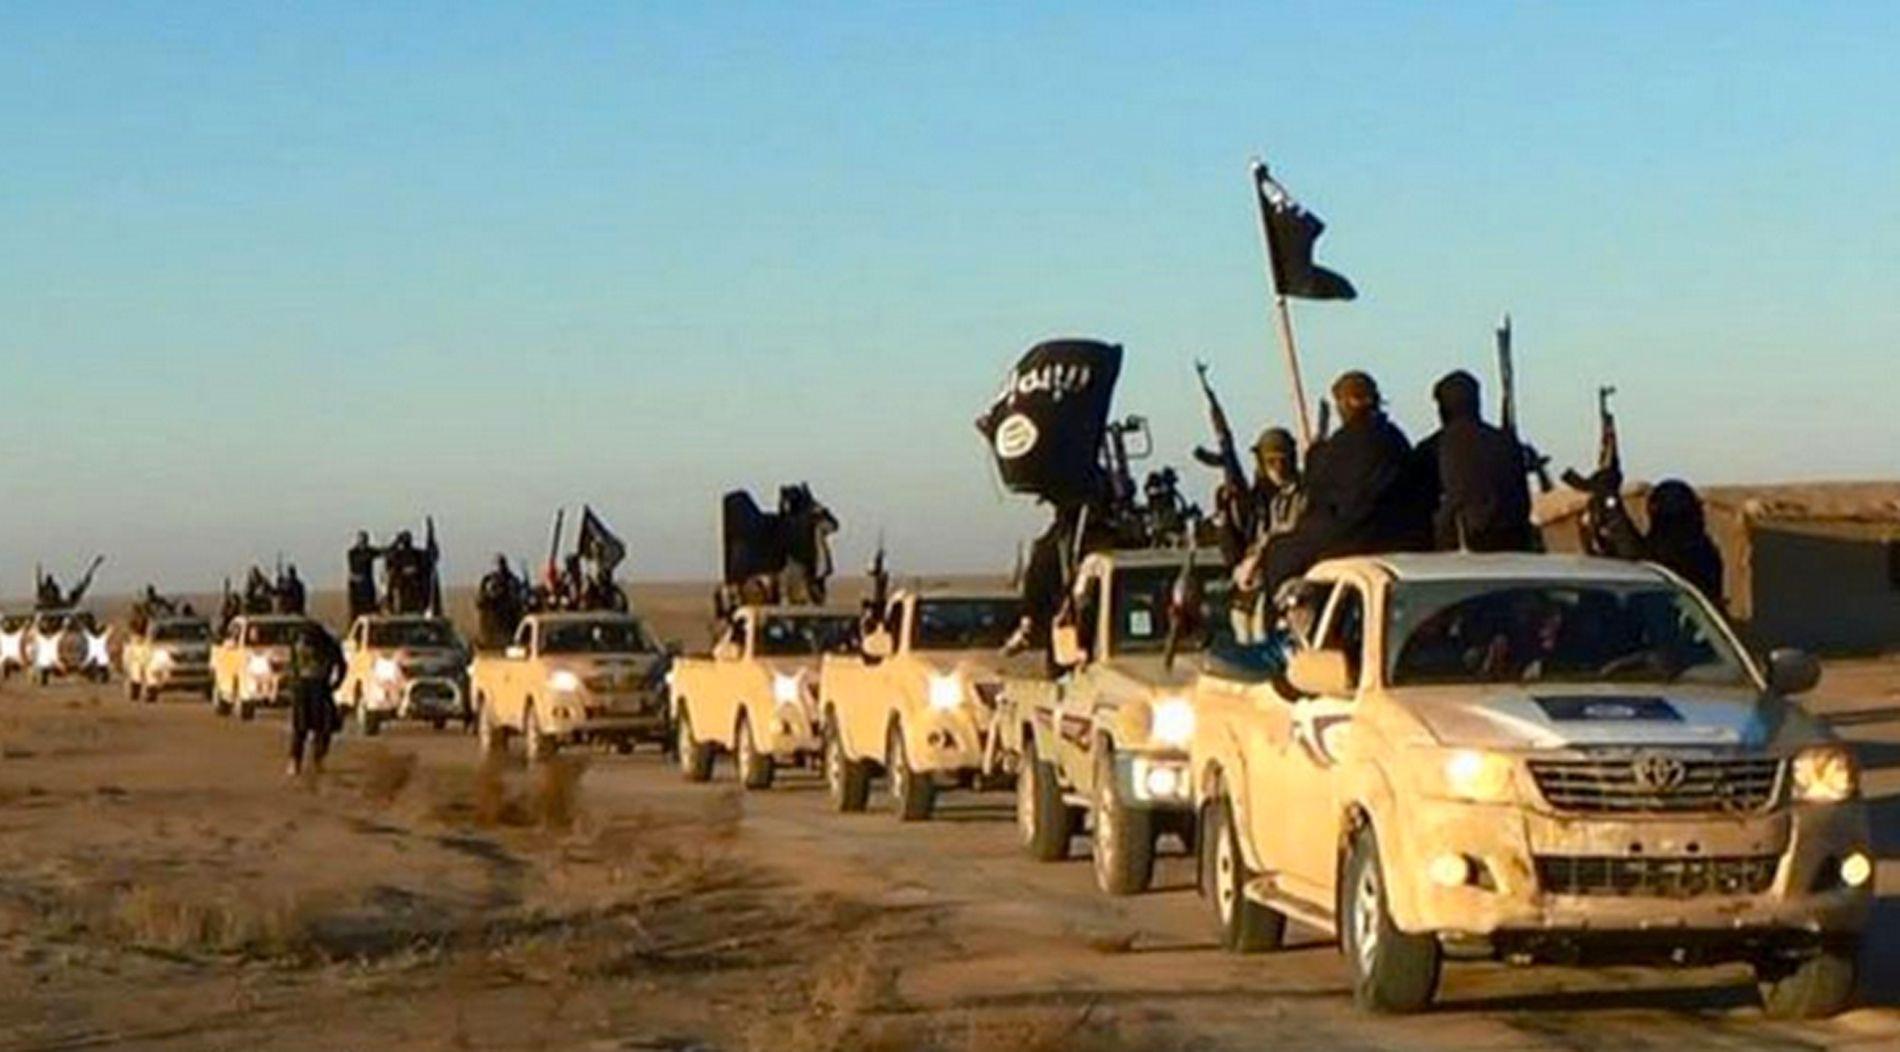 RULLER FREM: Dette bildet, sendt ut av IS selv i 2014, skal vise deres krigere på vei mot Raqqa i Syria.